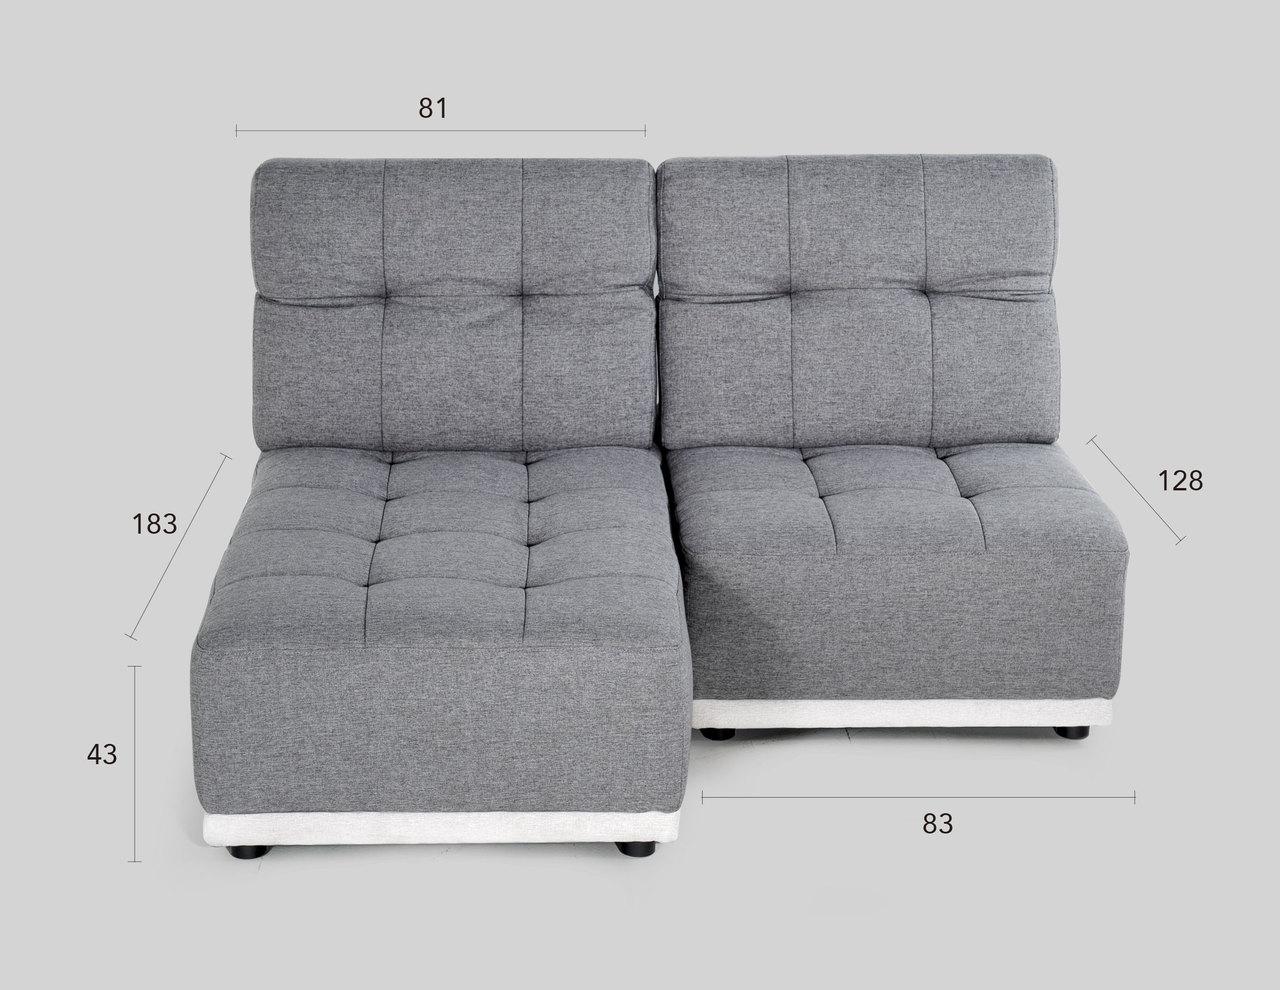 布沙發推薦|Porter 波特多功能布沙發|睡眠王國集團